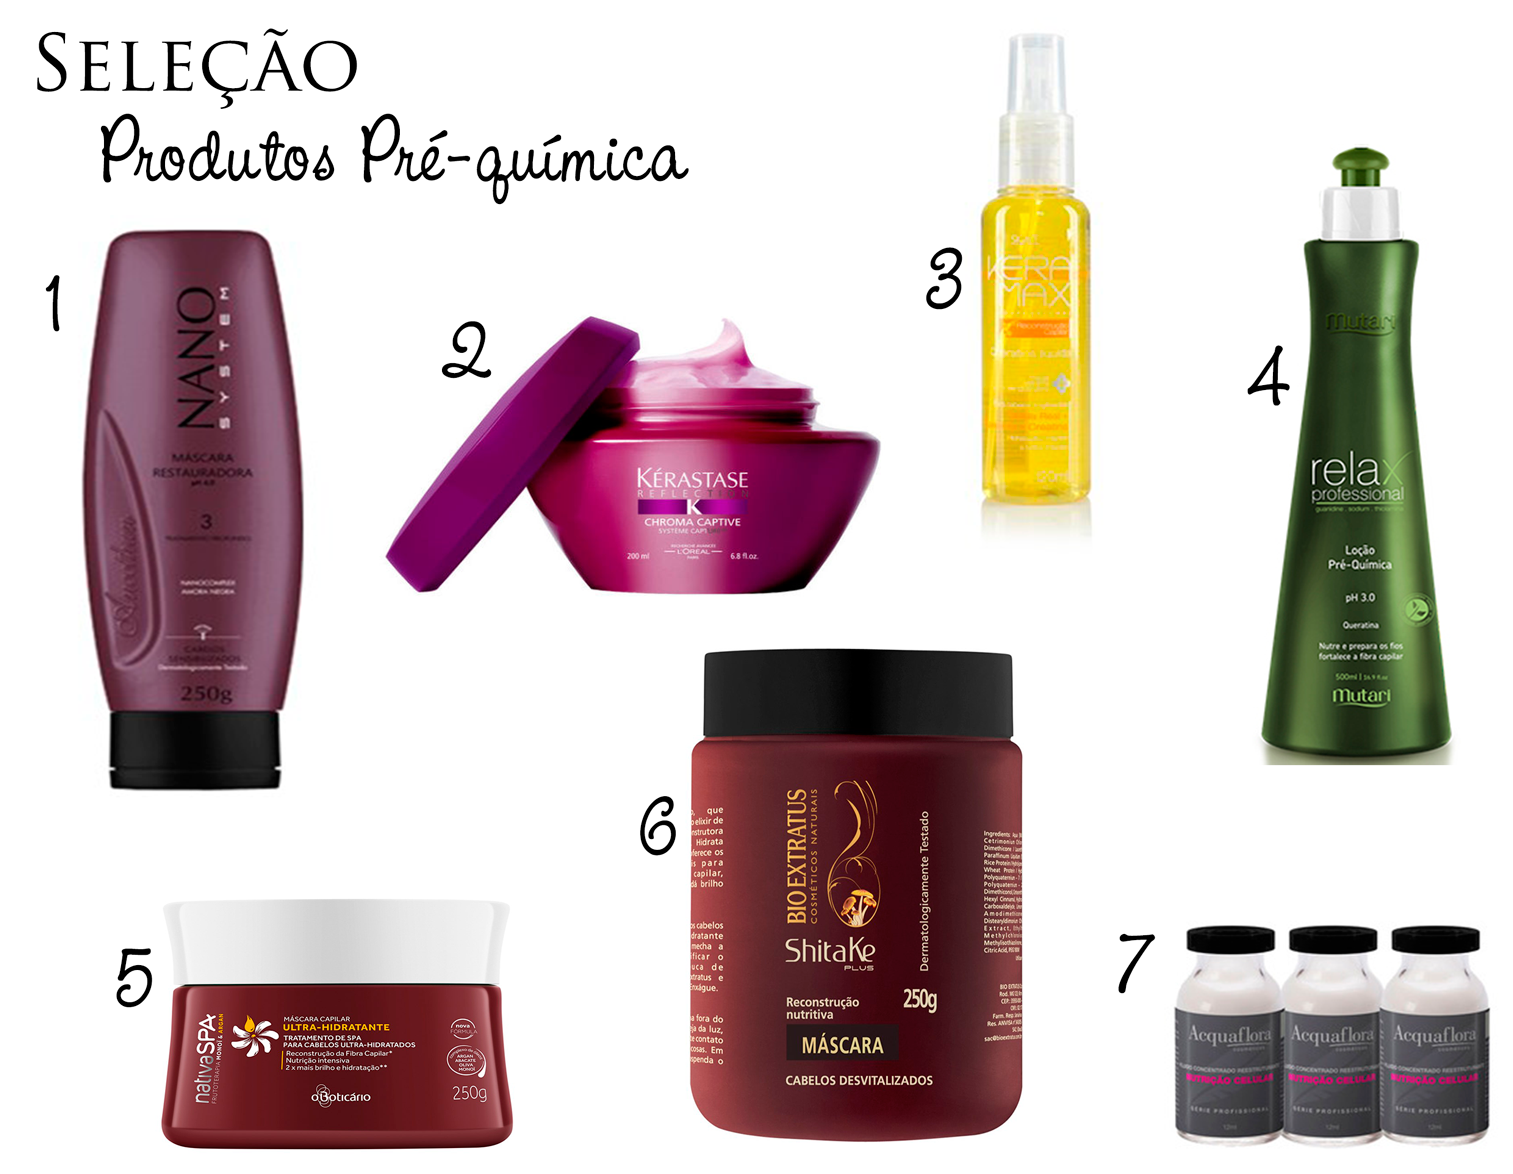 produtos, cabelo, tingidos, pré-química, tratamento